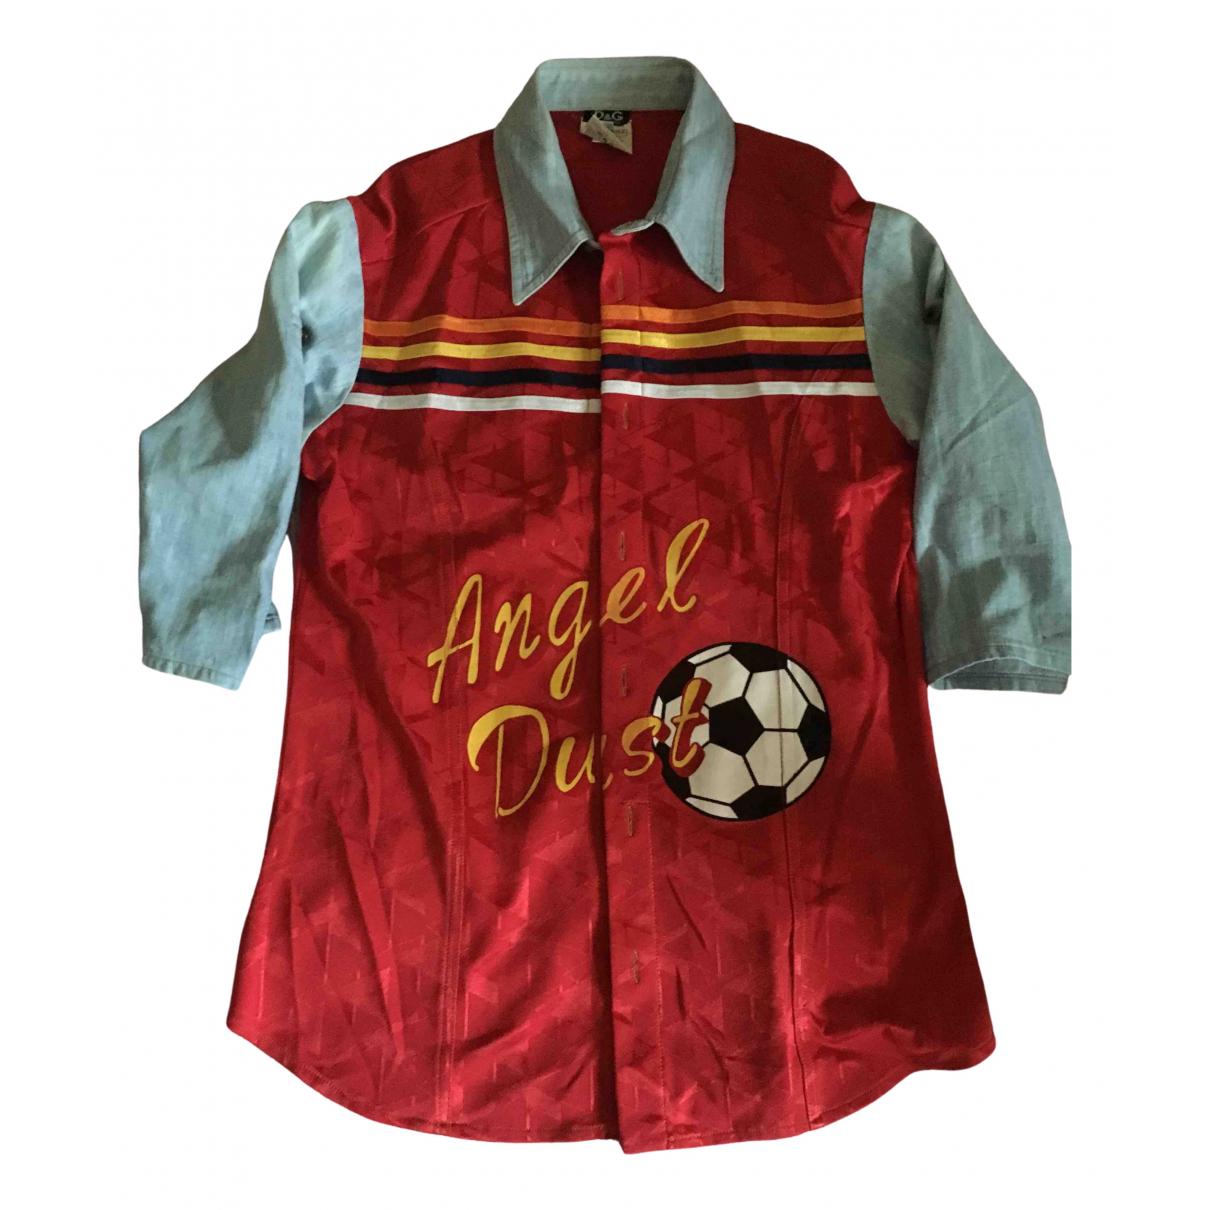 D&g - Chemises   pour homme - rouge